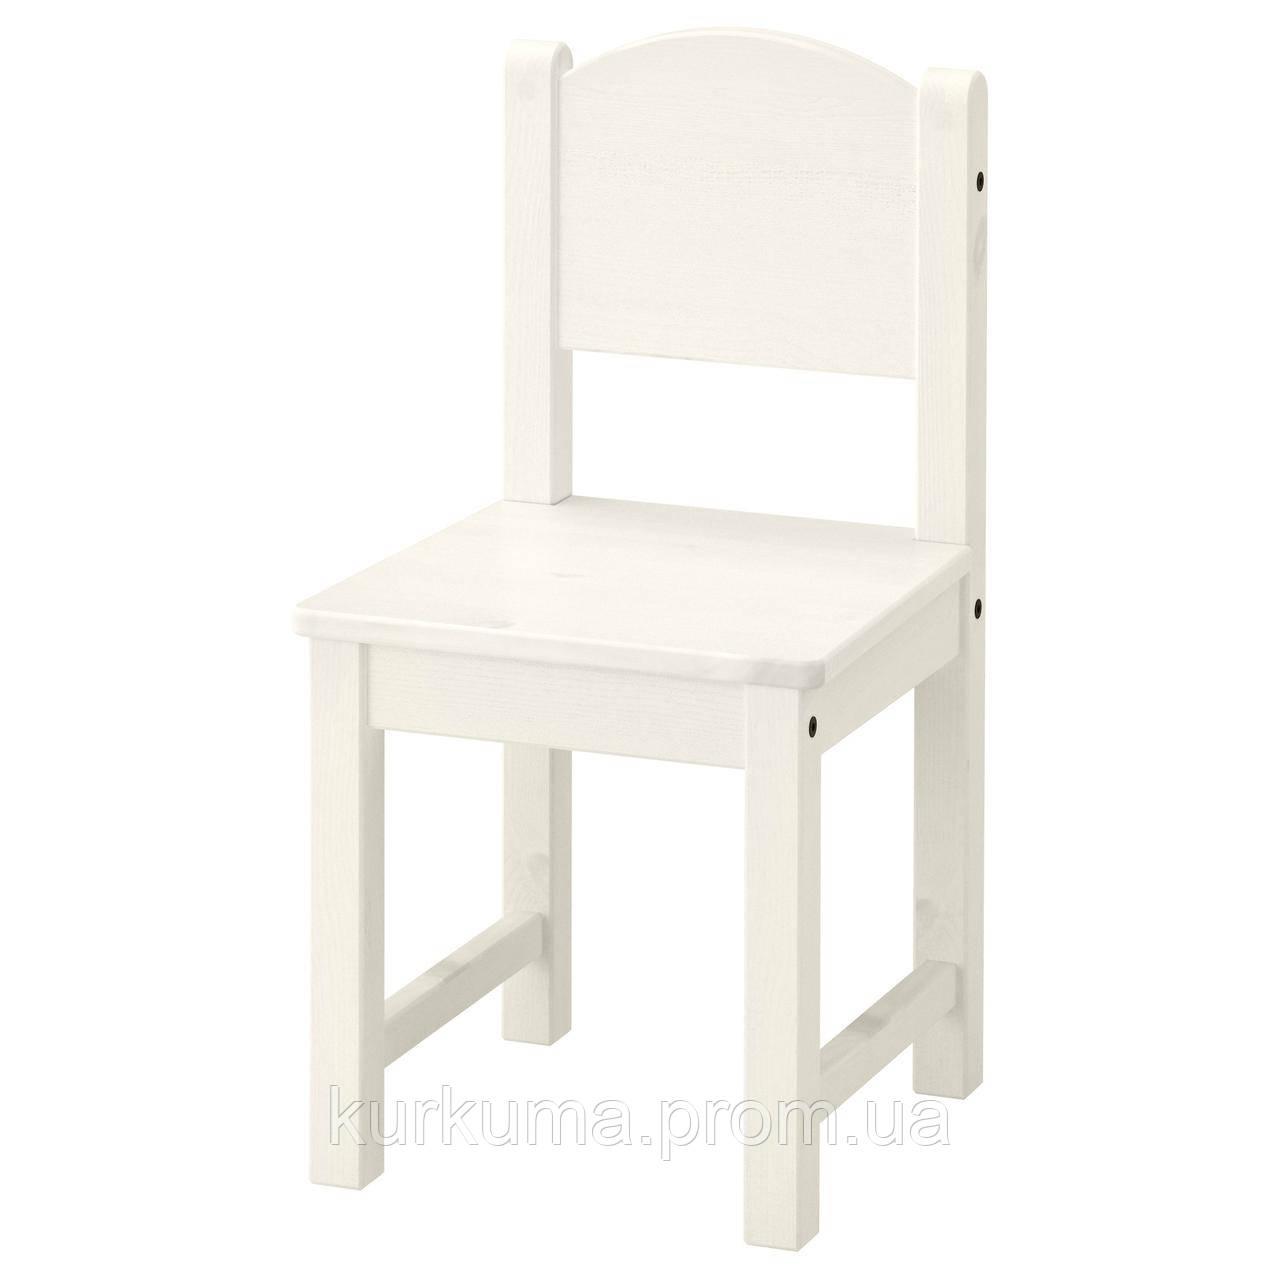 IKEA SUNDVIK Детский стул, белый  (601.963.58)